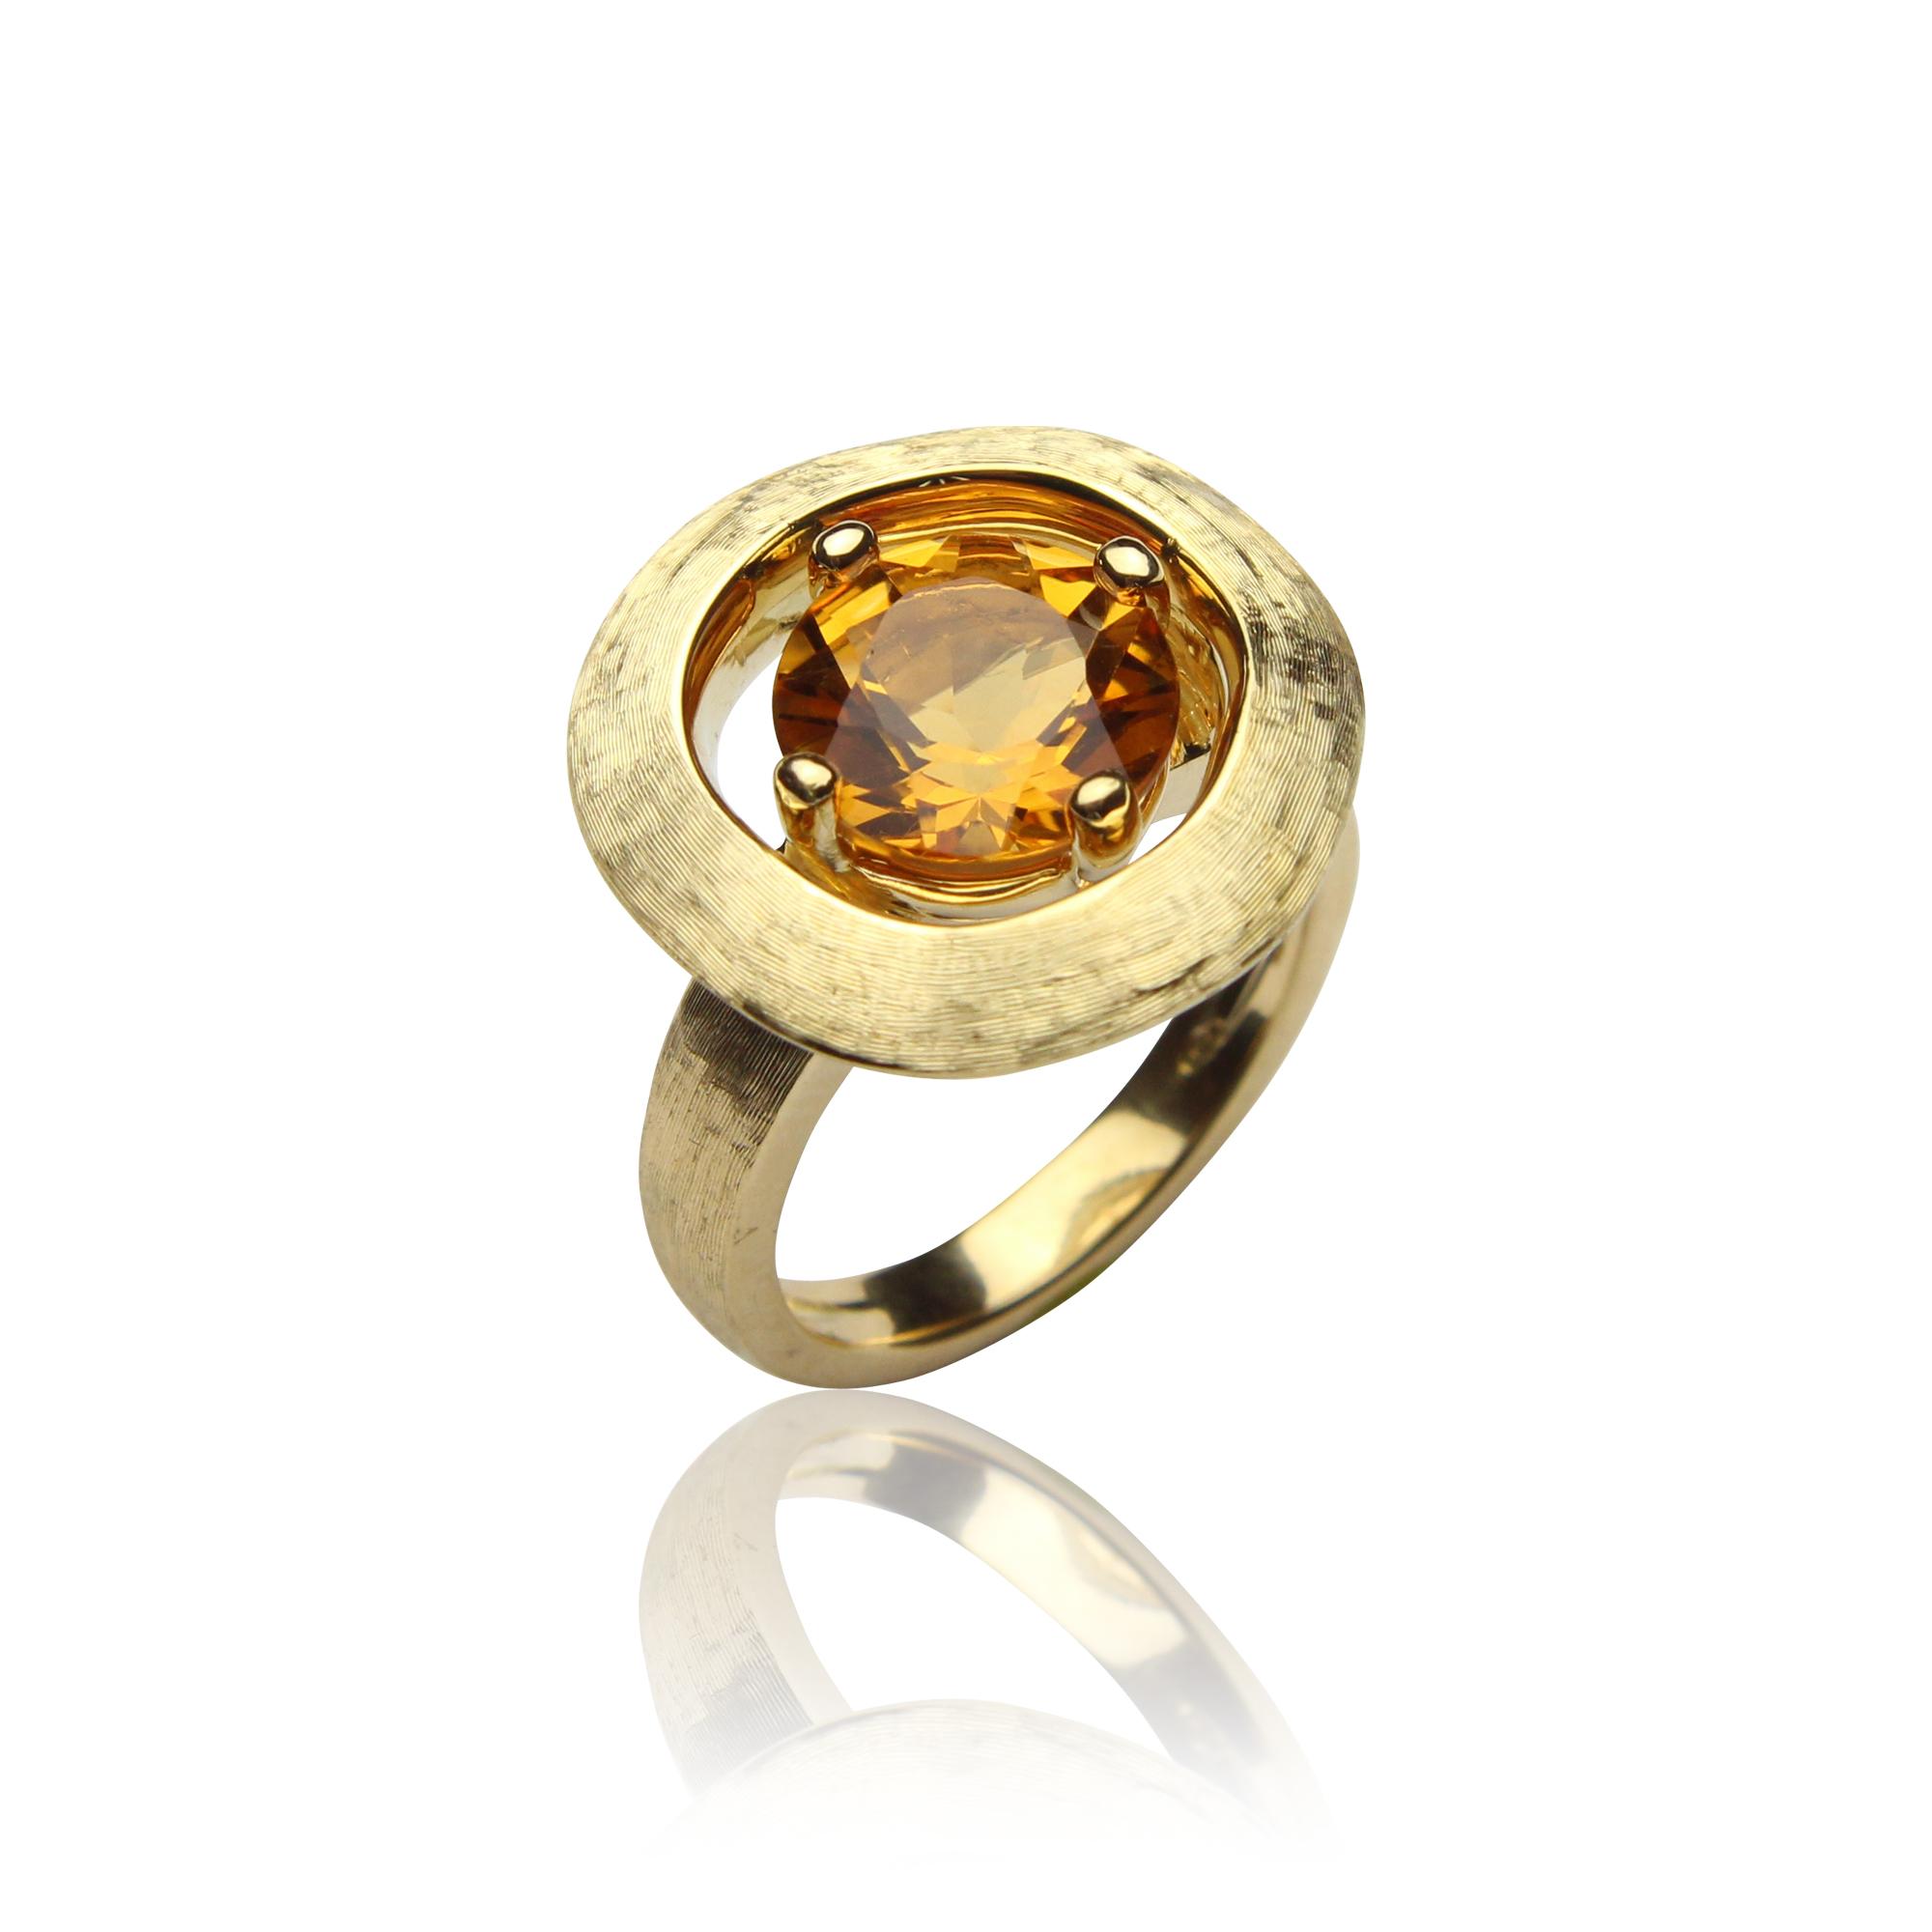 pierścionek sahara z żółtego złota 18 karatowego ,cytryn